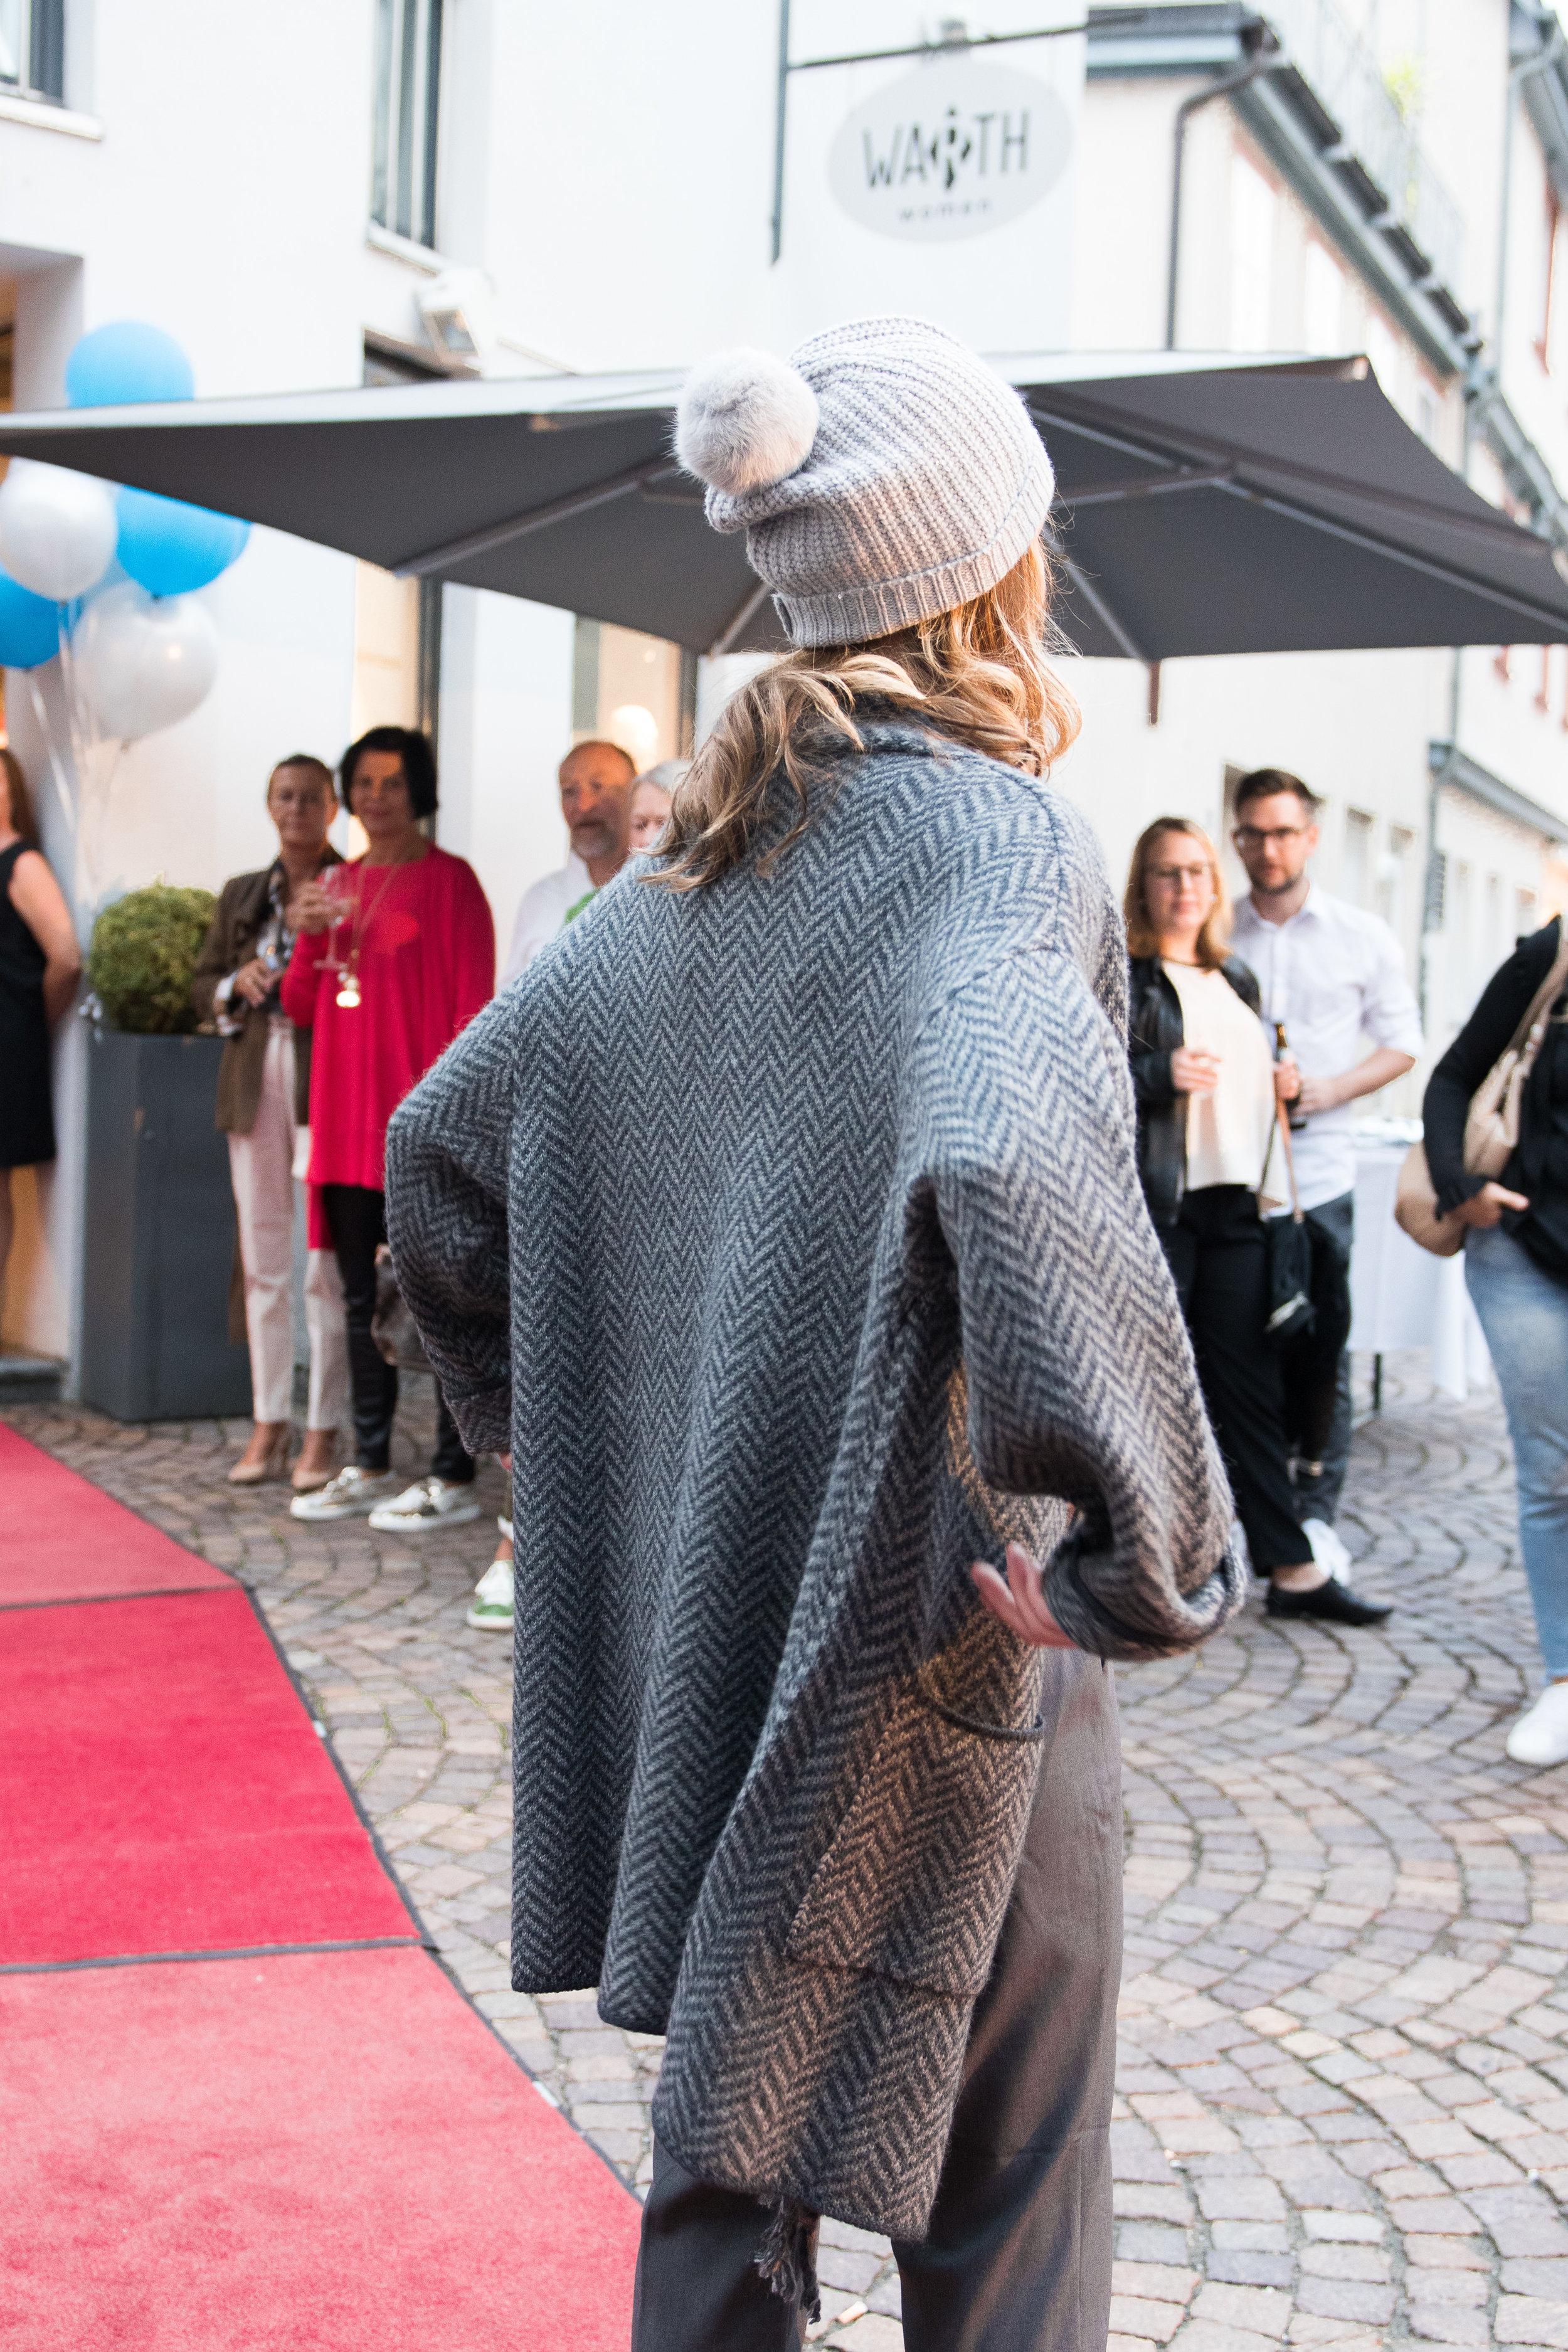 Fashionshowbackstage_27.jpg